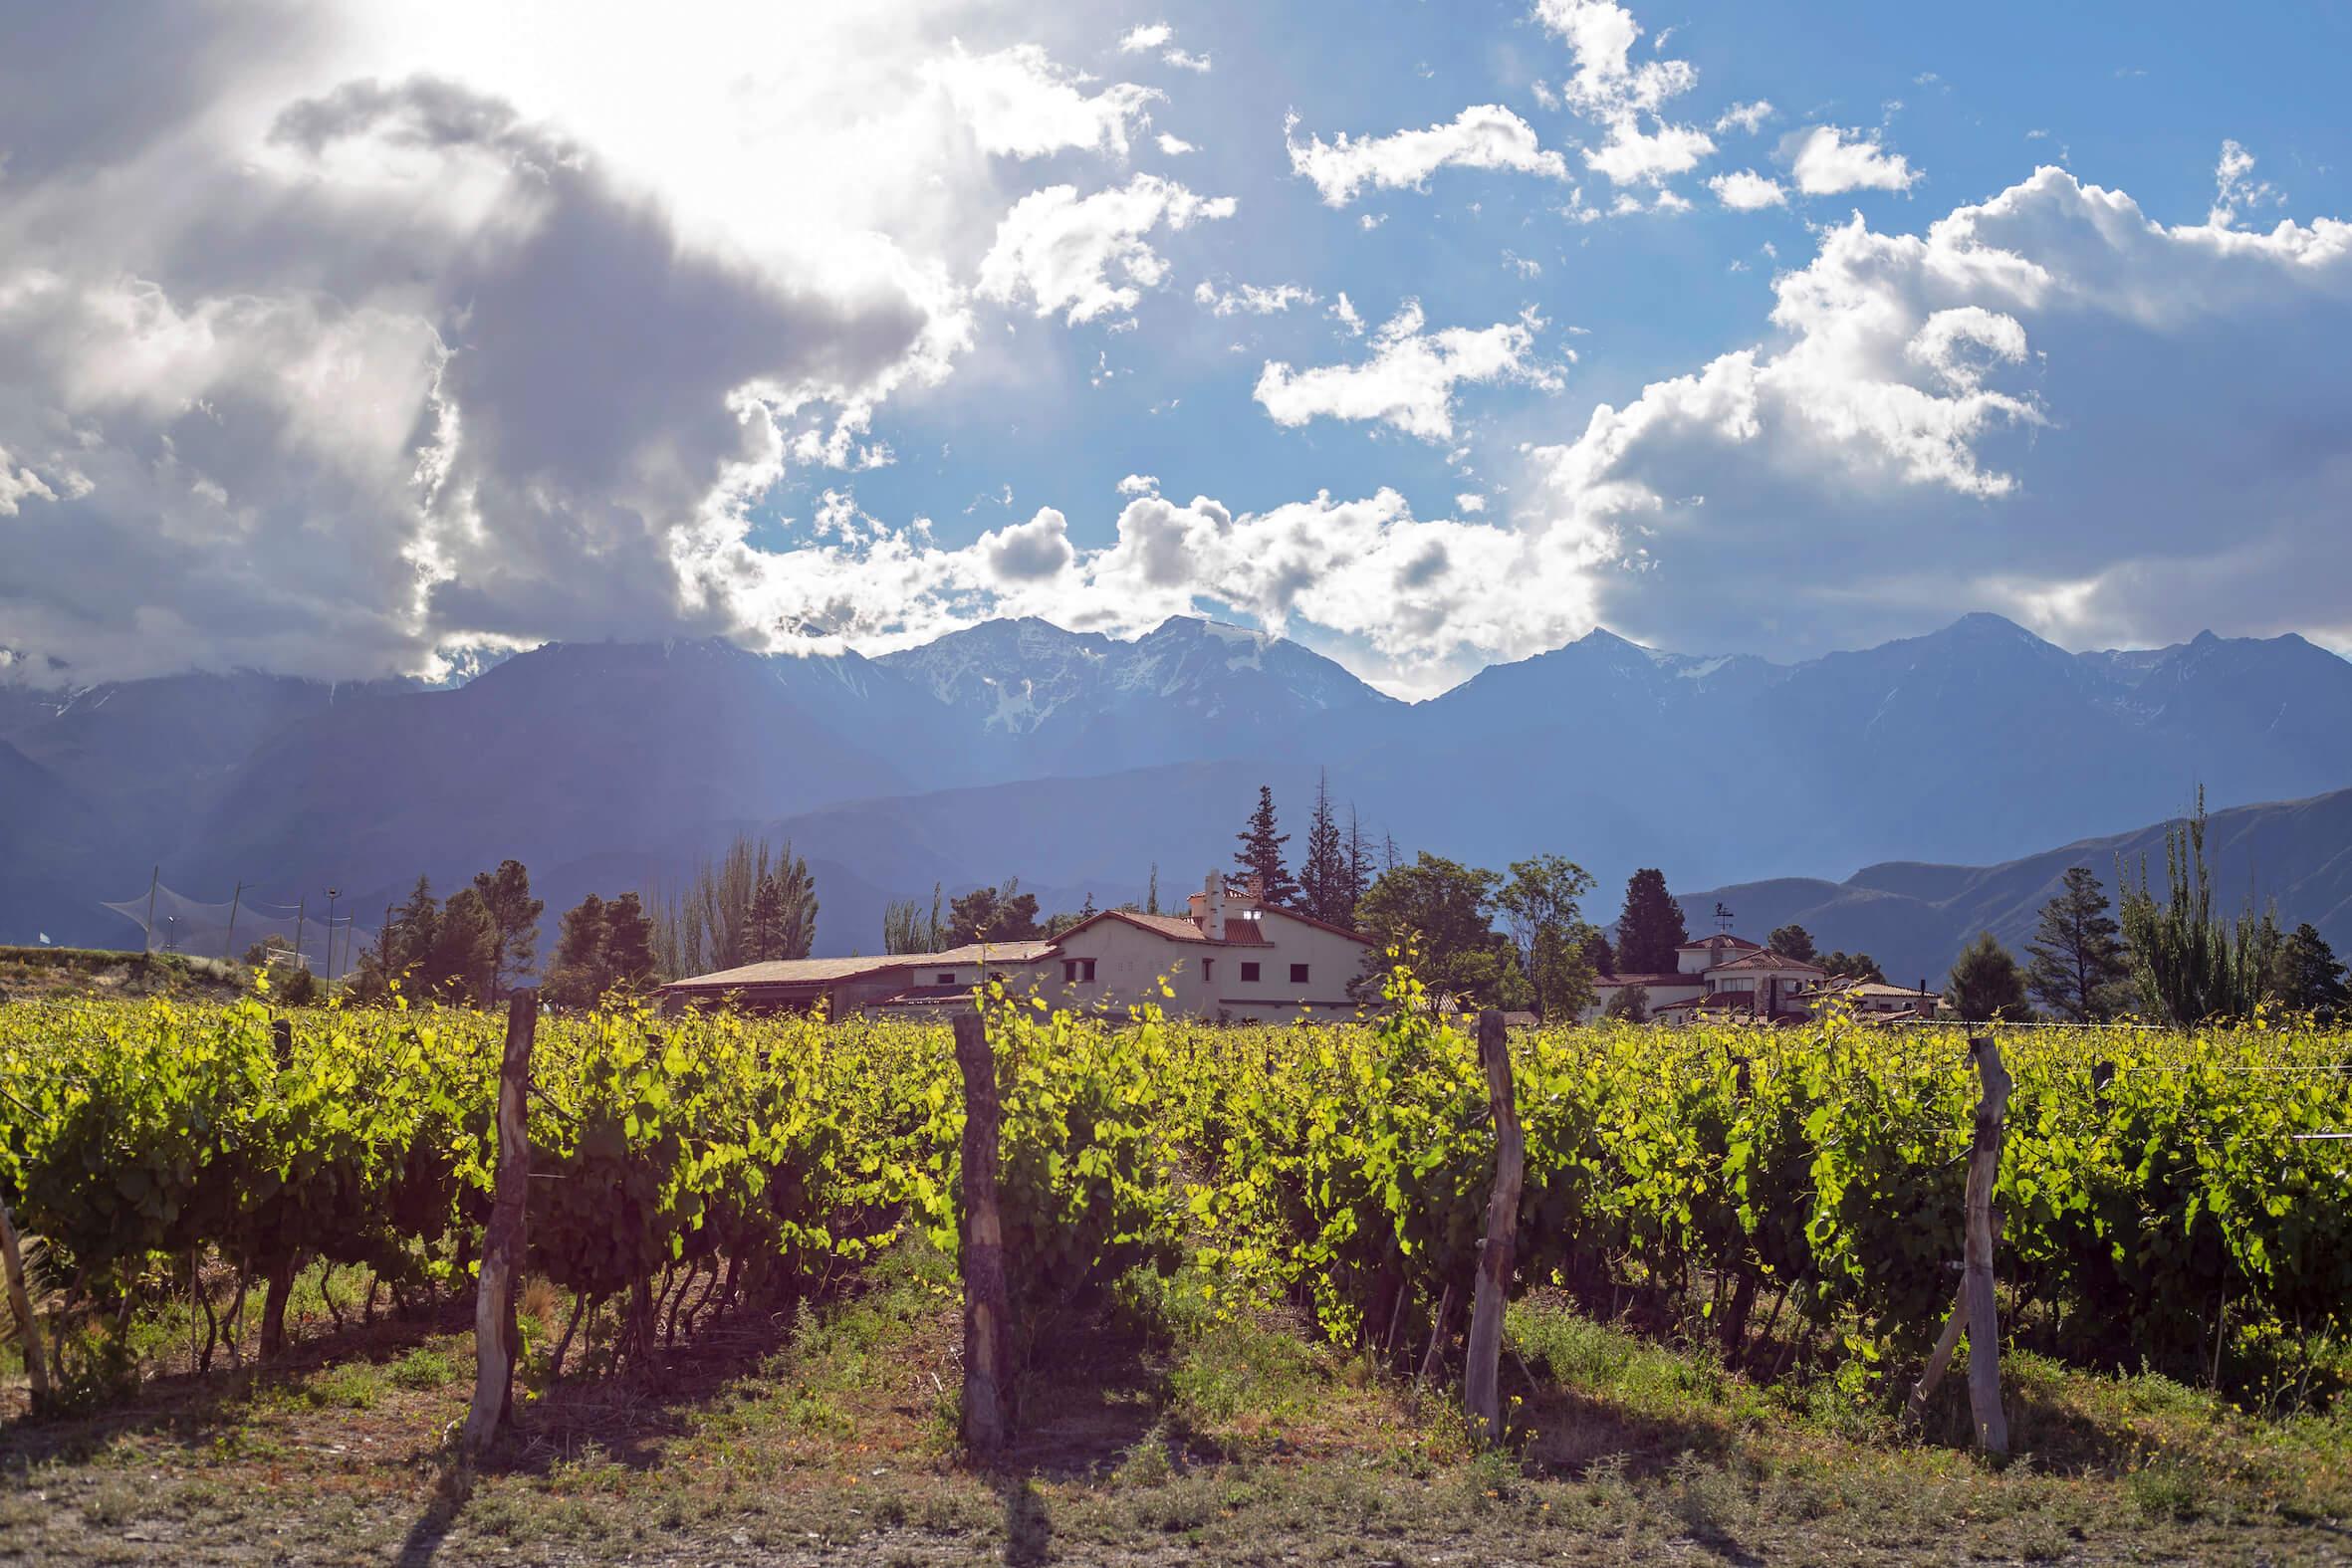 Lustrumreis Argentinie Mendoza Vino 4 (1)